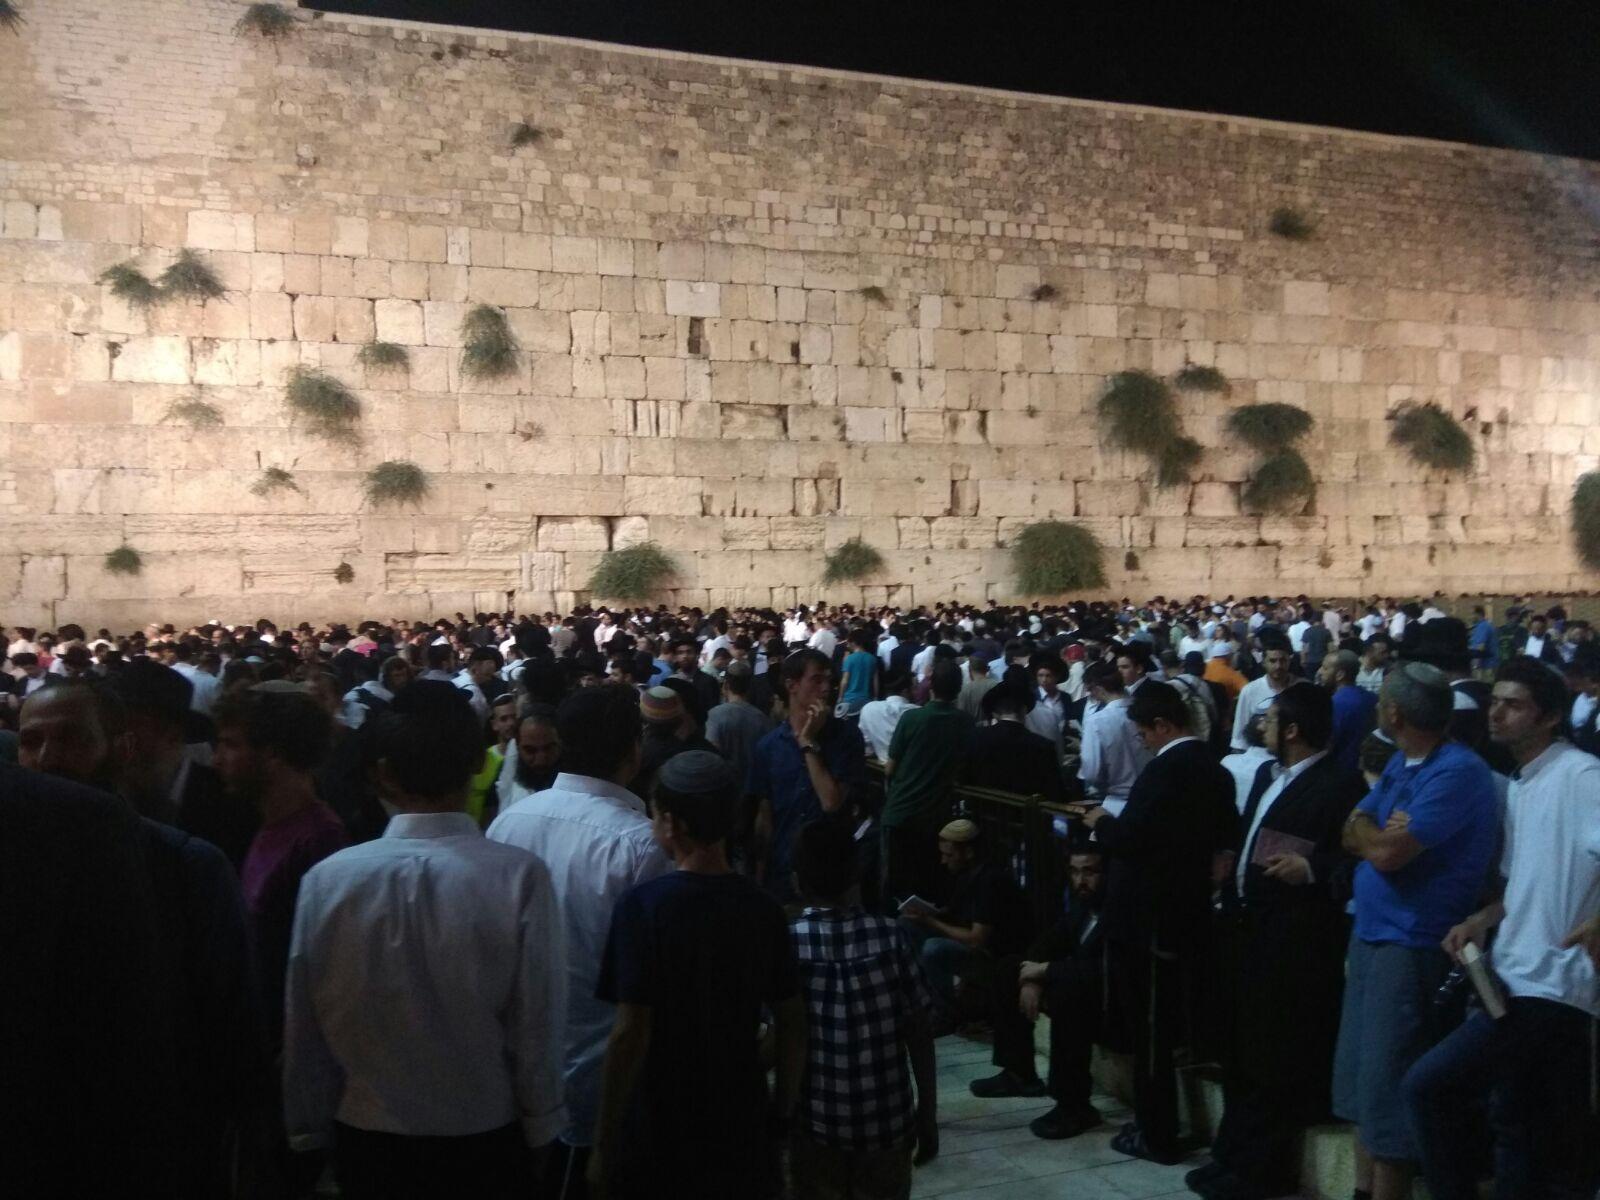 Jérusalem/Tisha Beav: des fidèles exclus du Mont du Temple